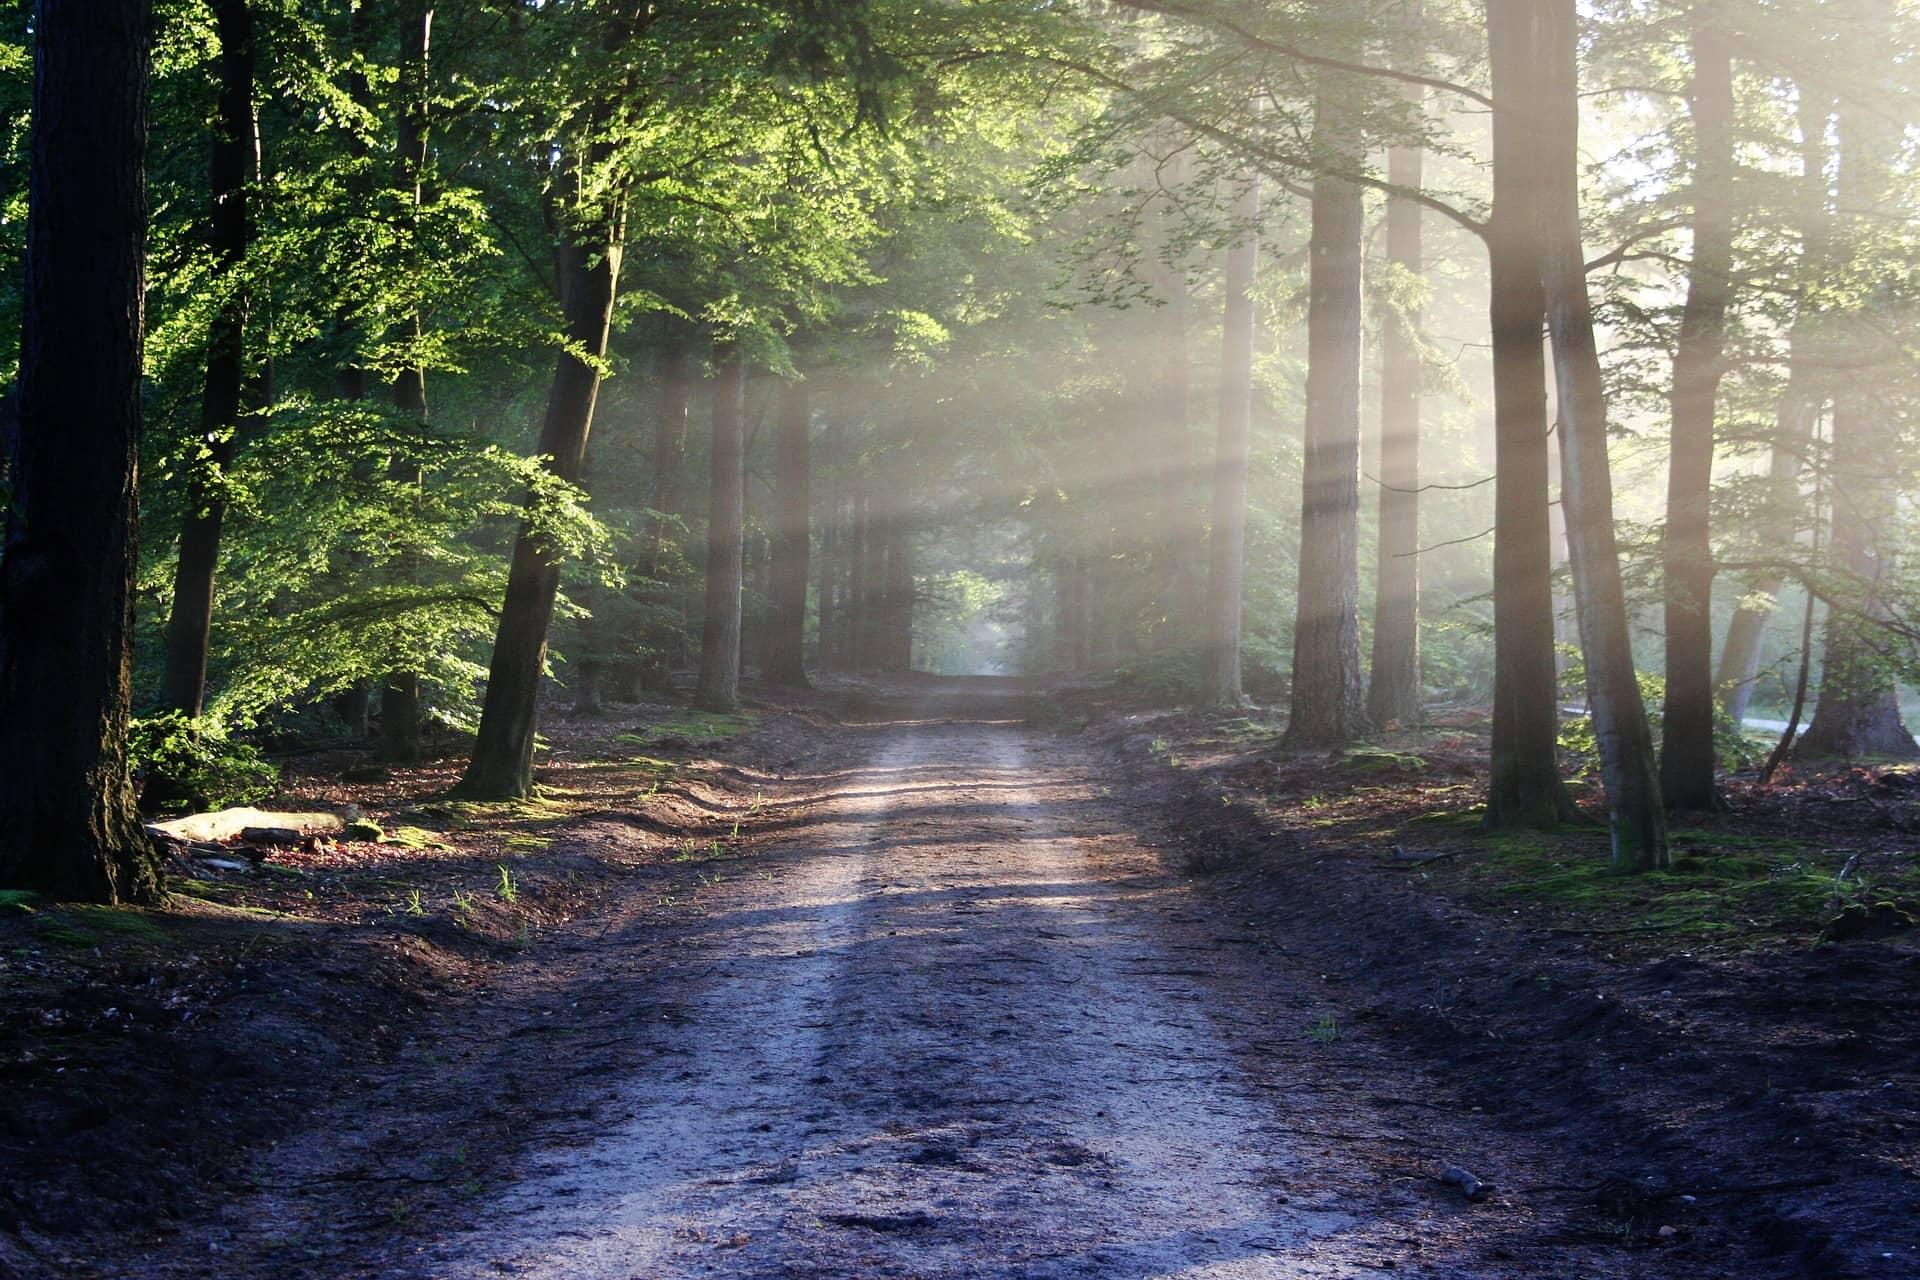 road_815297_1920.jpg